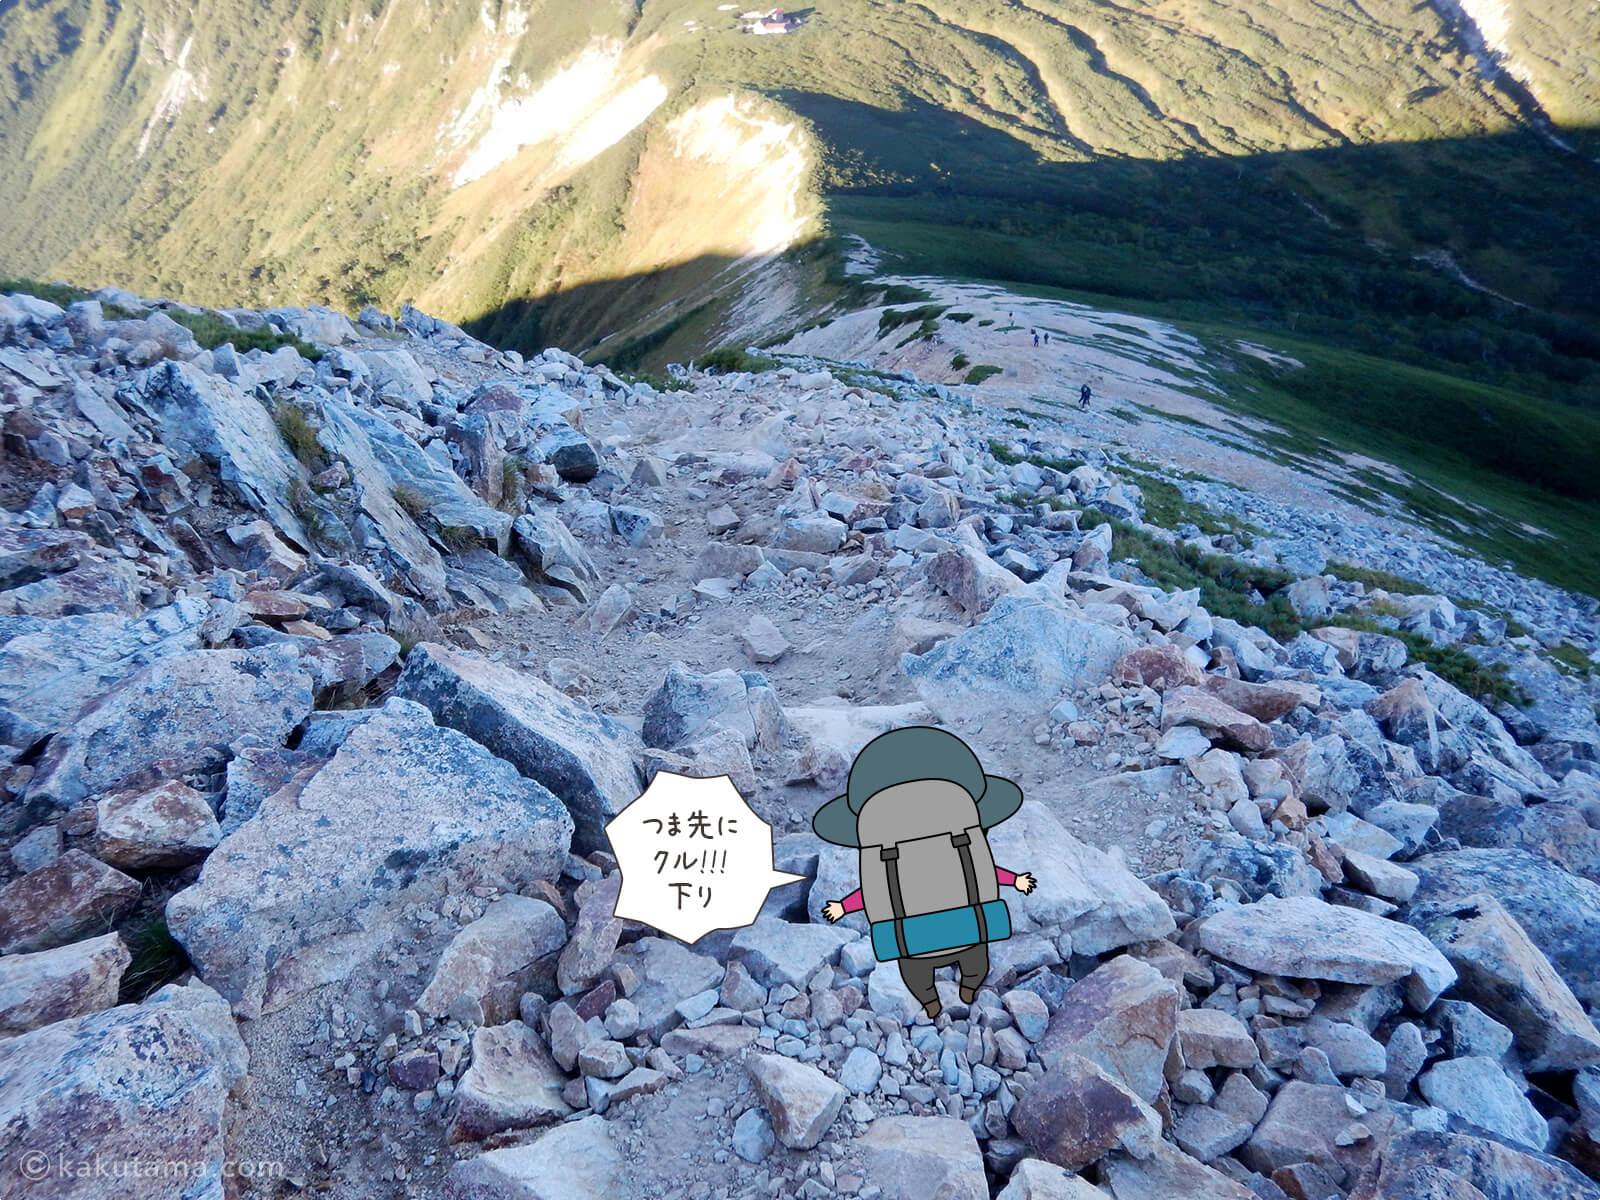 鷲羽岳からの急な下り道3